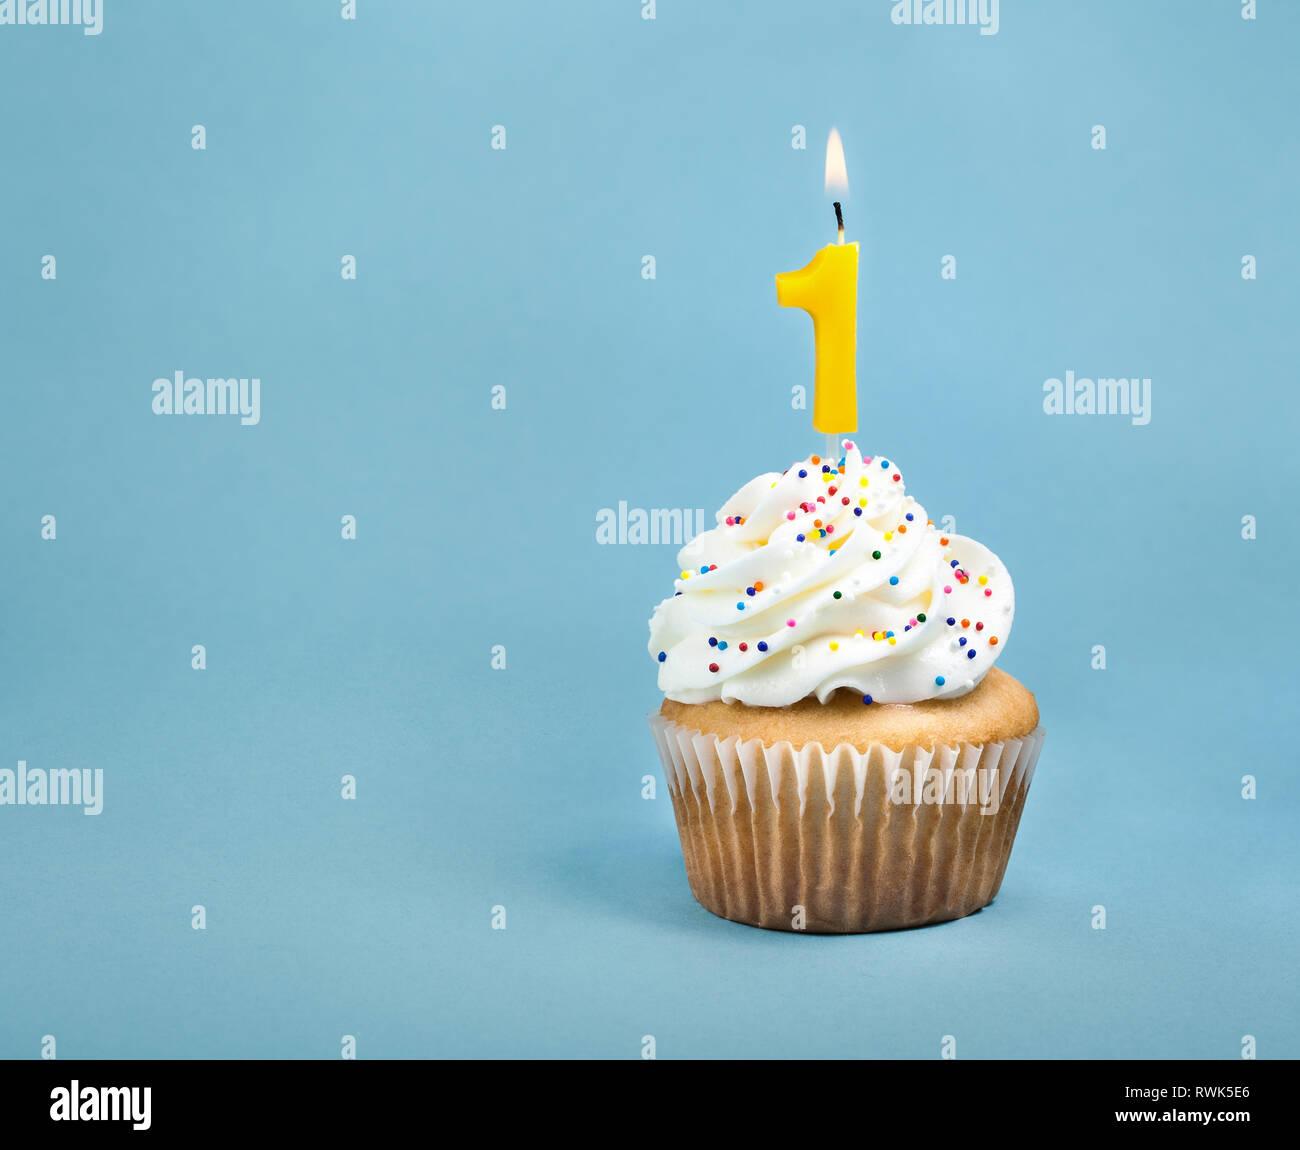 Un anniversaire cup cake avec glaçage buttercream, arrose et un numéro un allume bougie d'anniversaire. Photo Stock